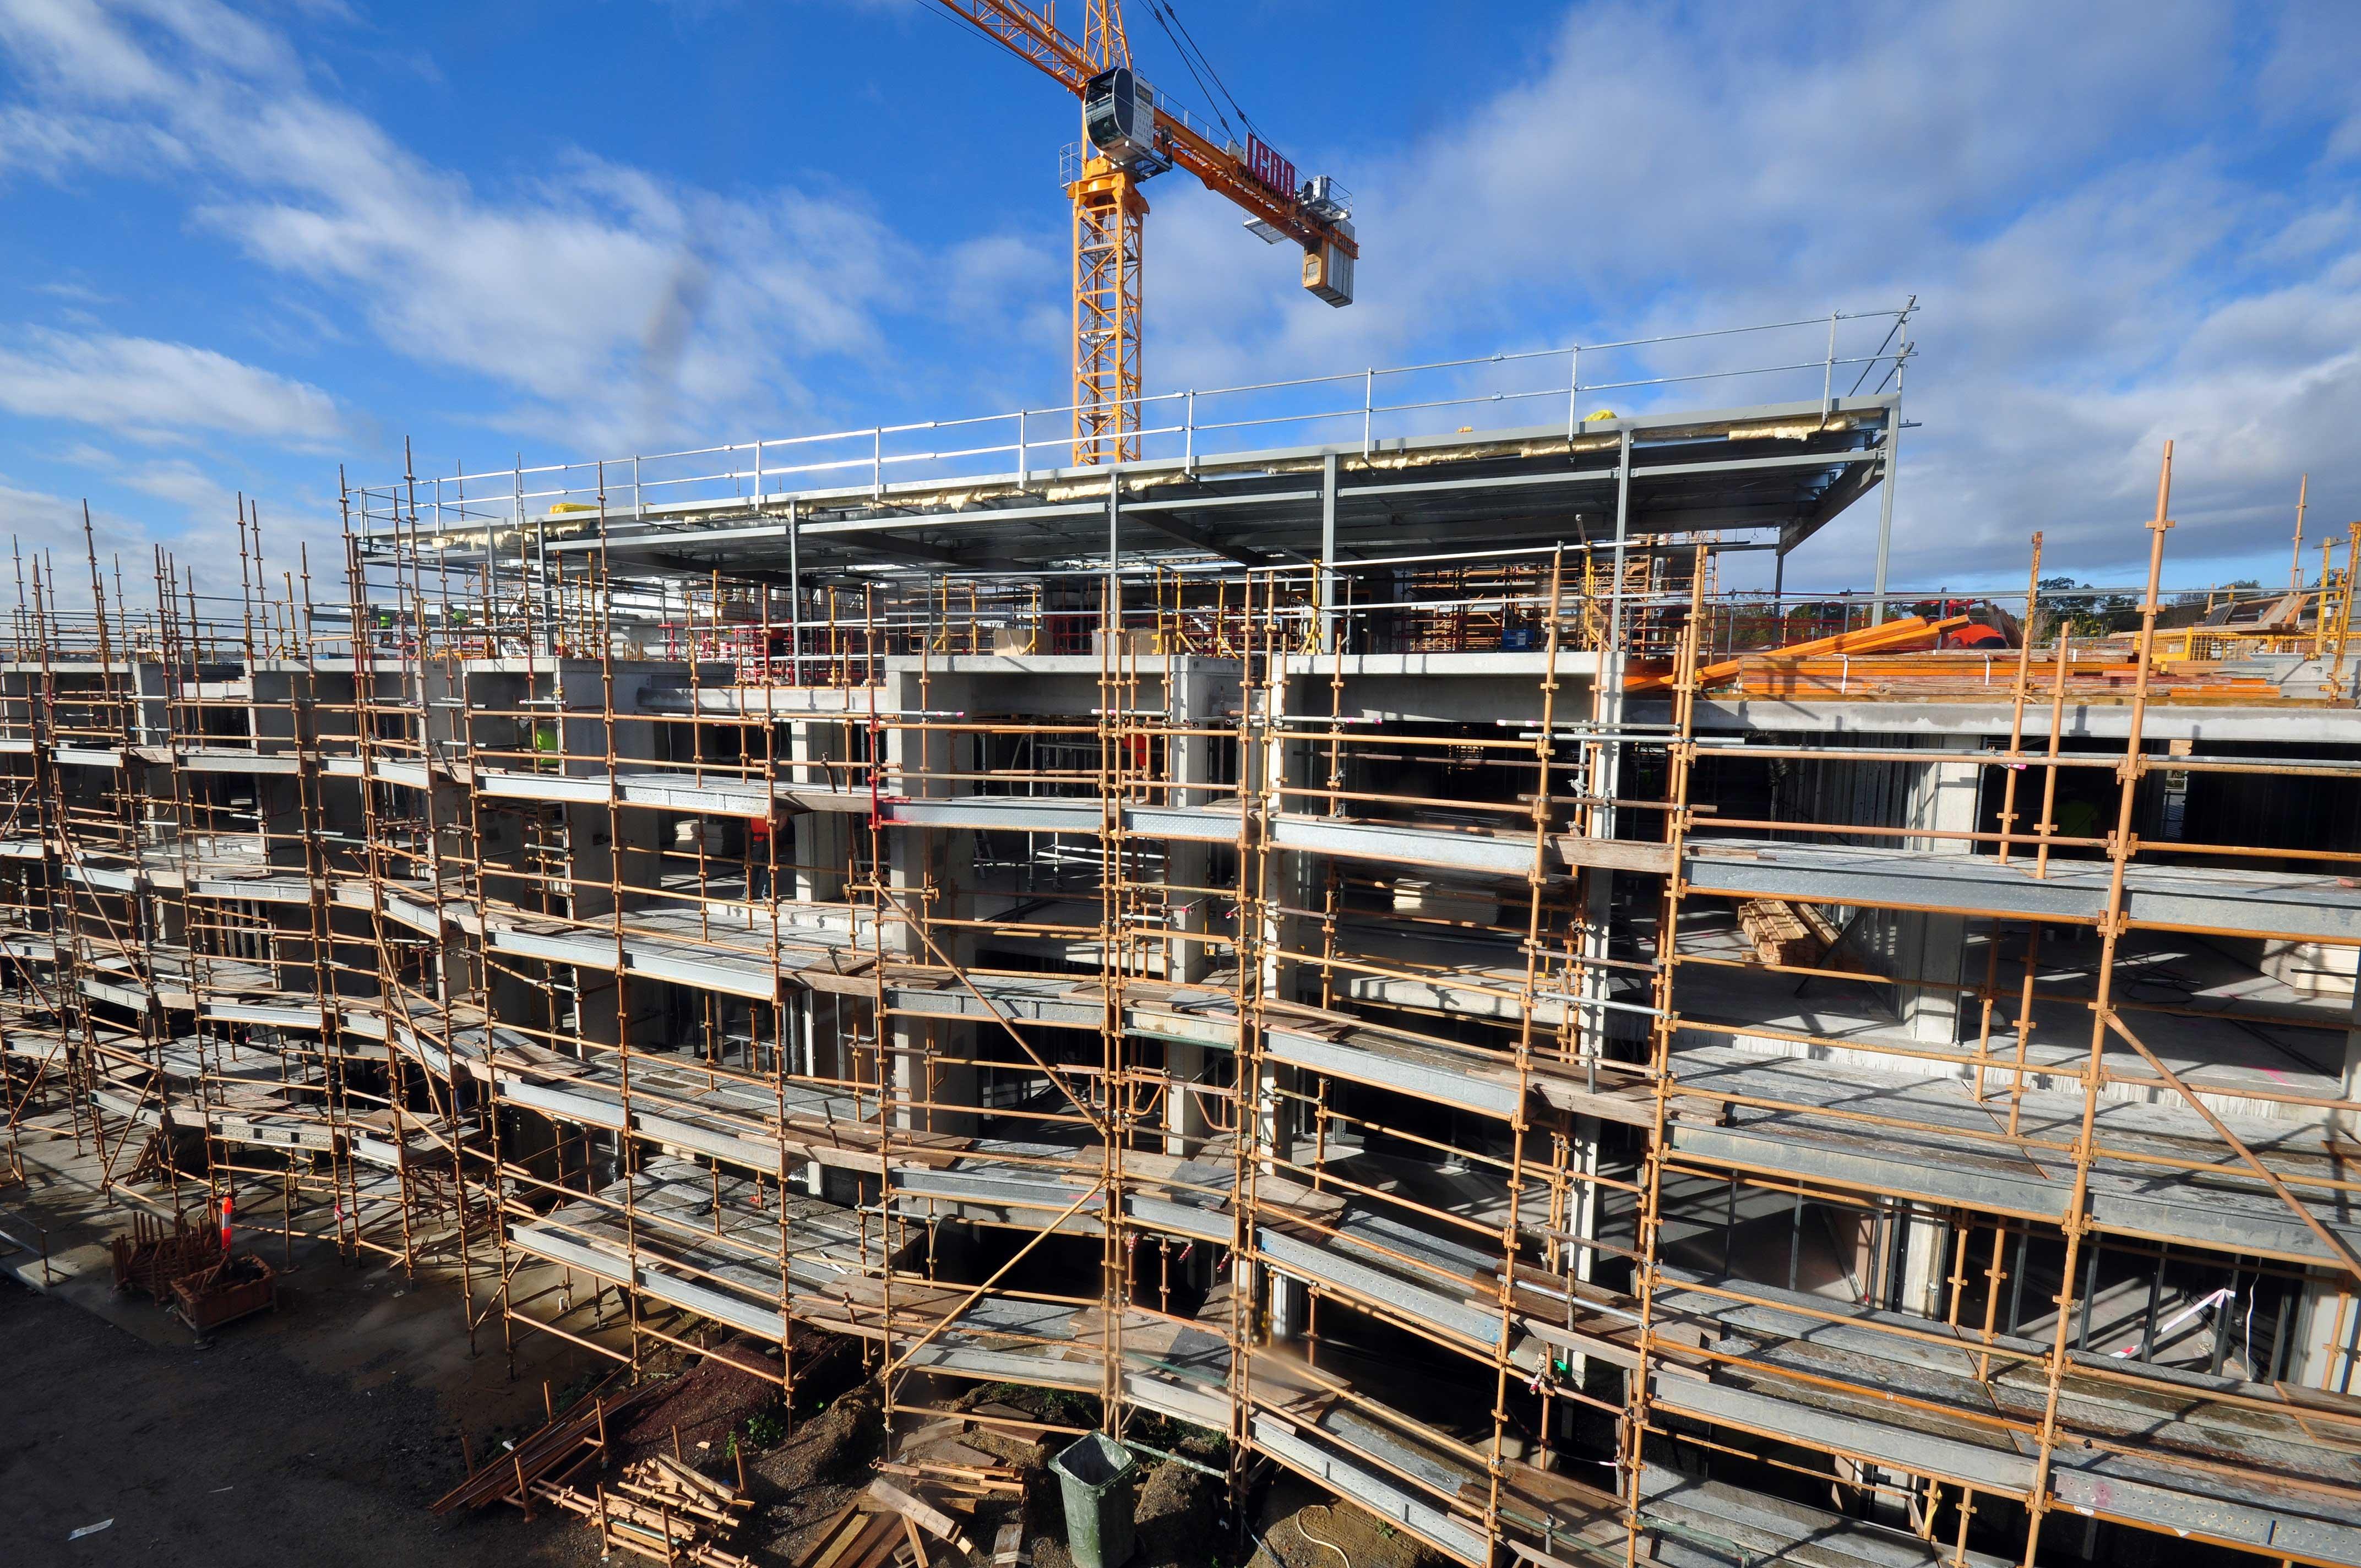 Demanda das construtoras e dos engenheiros por um sumário de normas inspirou criação do guia